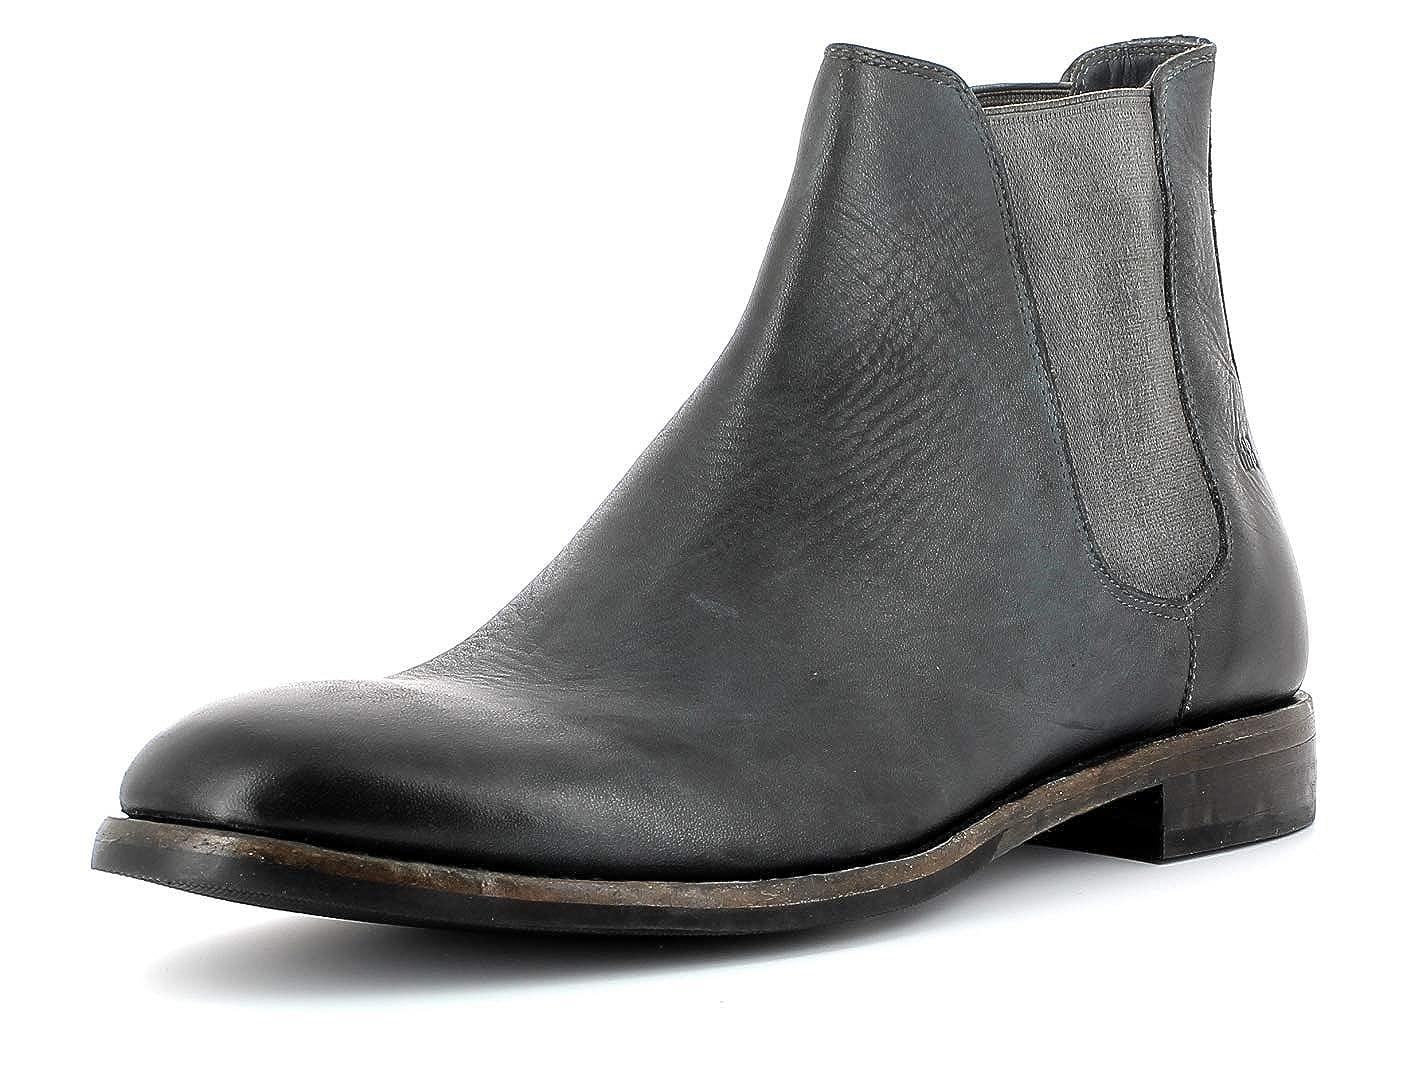 Gordon & Bros Herren Chelsea Boots Alessio S180785,Männer Stiefel,Halbstiefel,Stiefelette,Bootie,Schlupfstiefel Grey